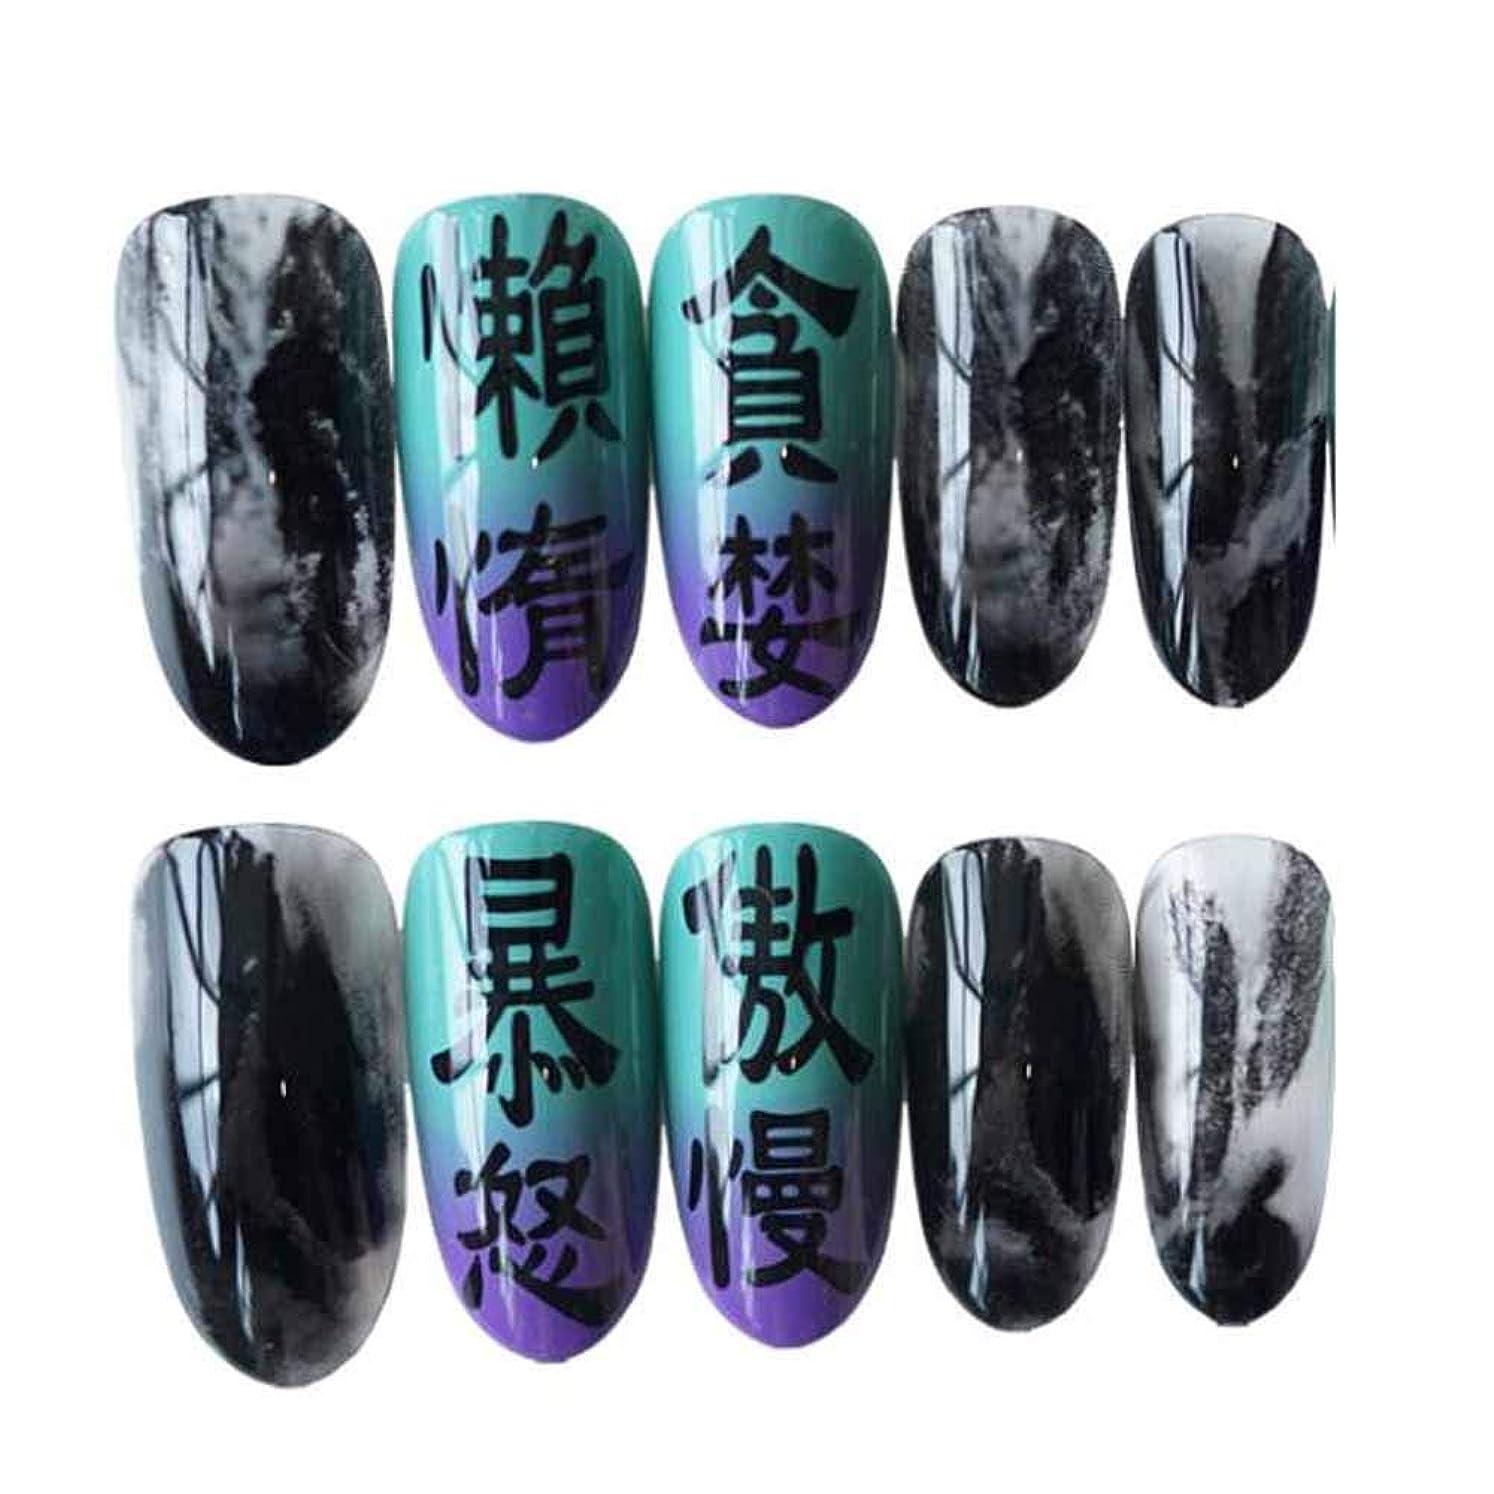 散文概して粘り強い嫉妬 - 紫/黒のシャープな偽の指爪人工的な偽の爪のヒント暗い